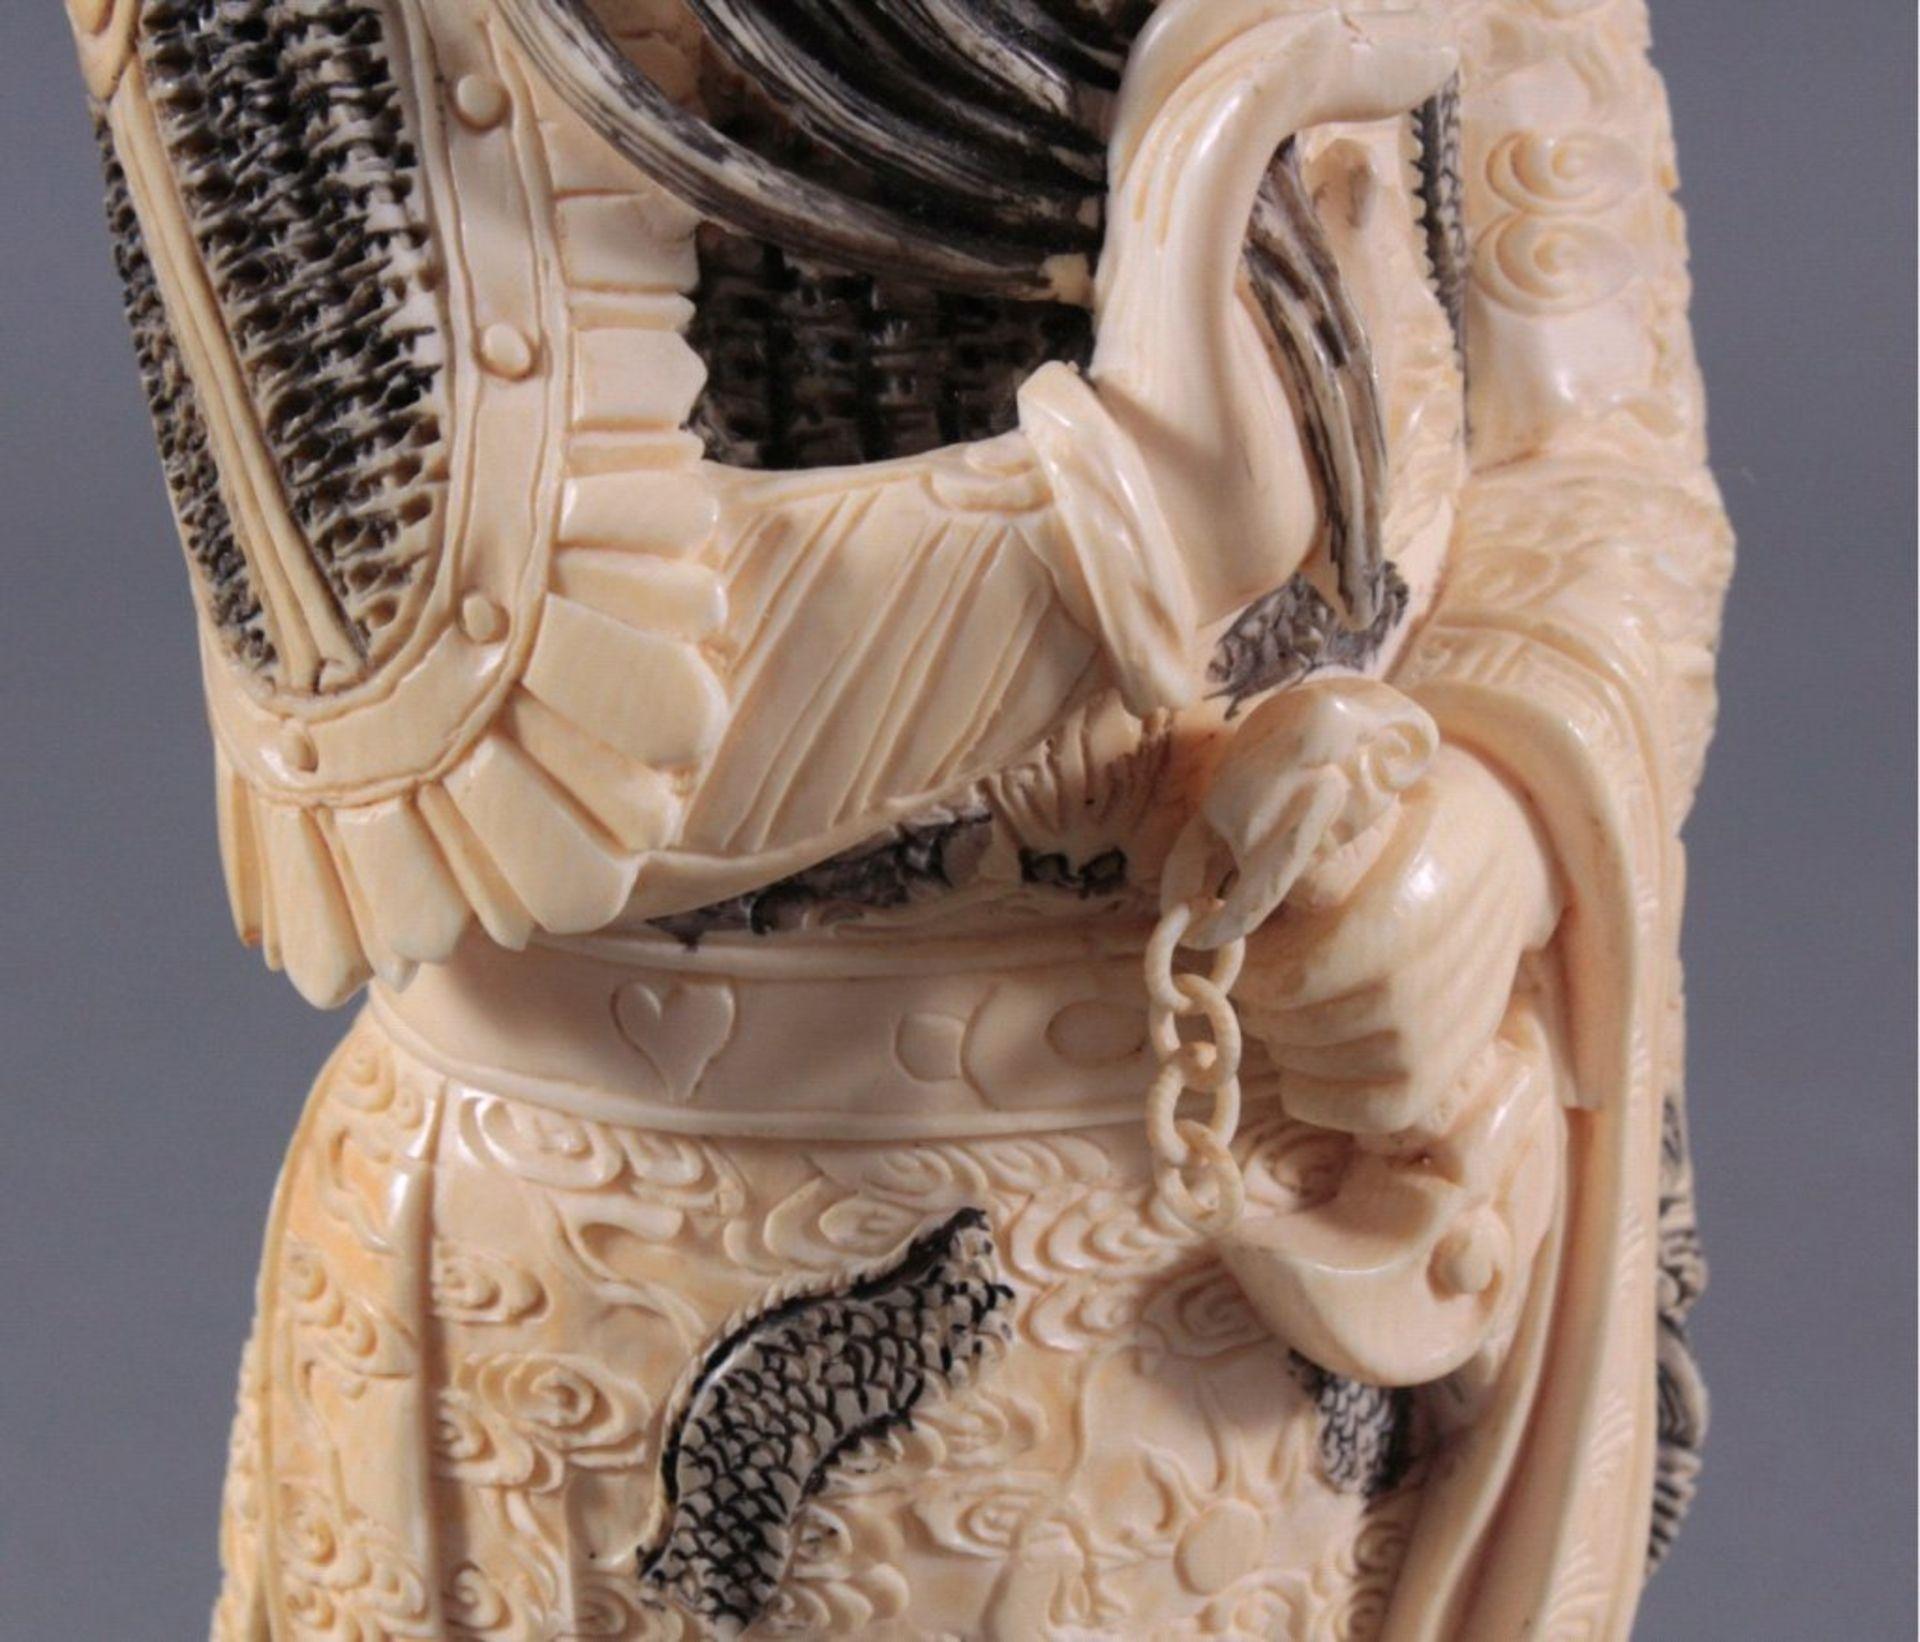 Elfenbeinfigur, 19./20. Jh.Guandi, vollplastisch geschnitzt, schwarz eingefärbt. Seinelinke Hand - Bild 6 aus 6